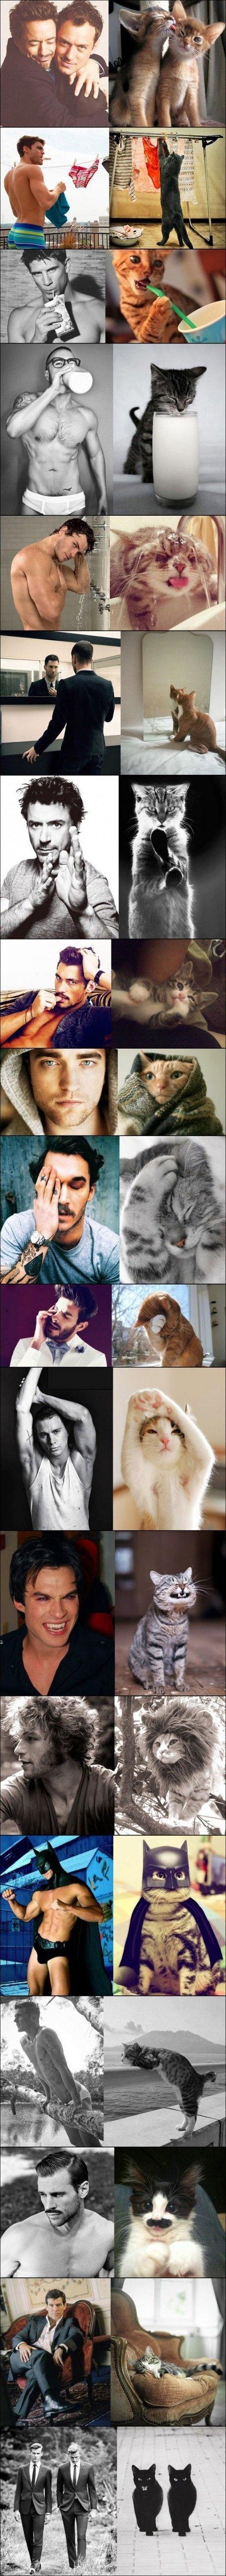 Ein Post für die Damenwelt: Kerle und Katzen - Fun Bild